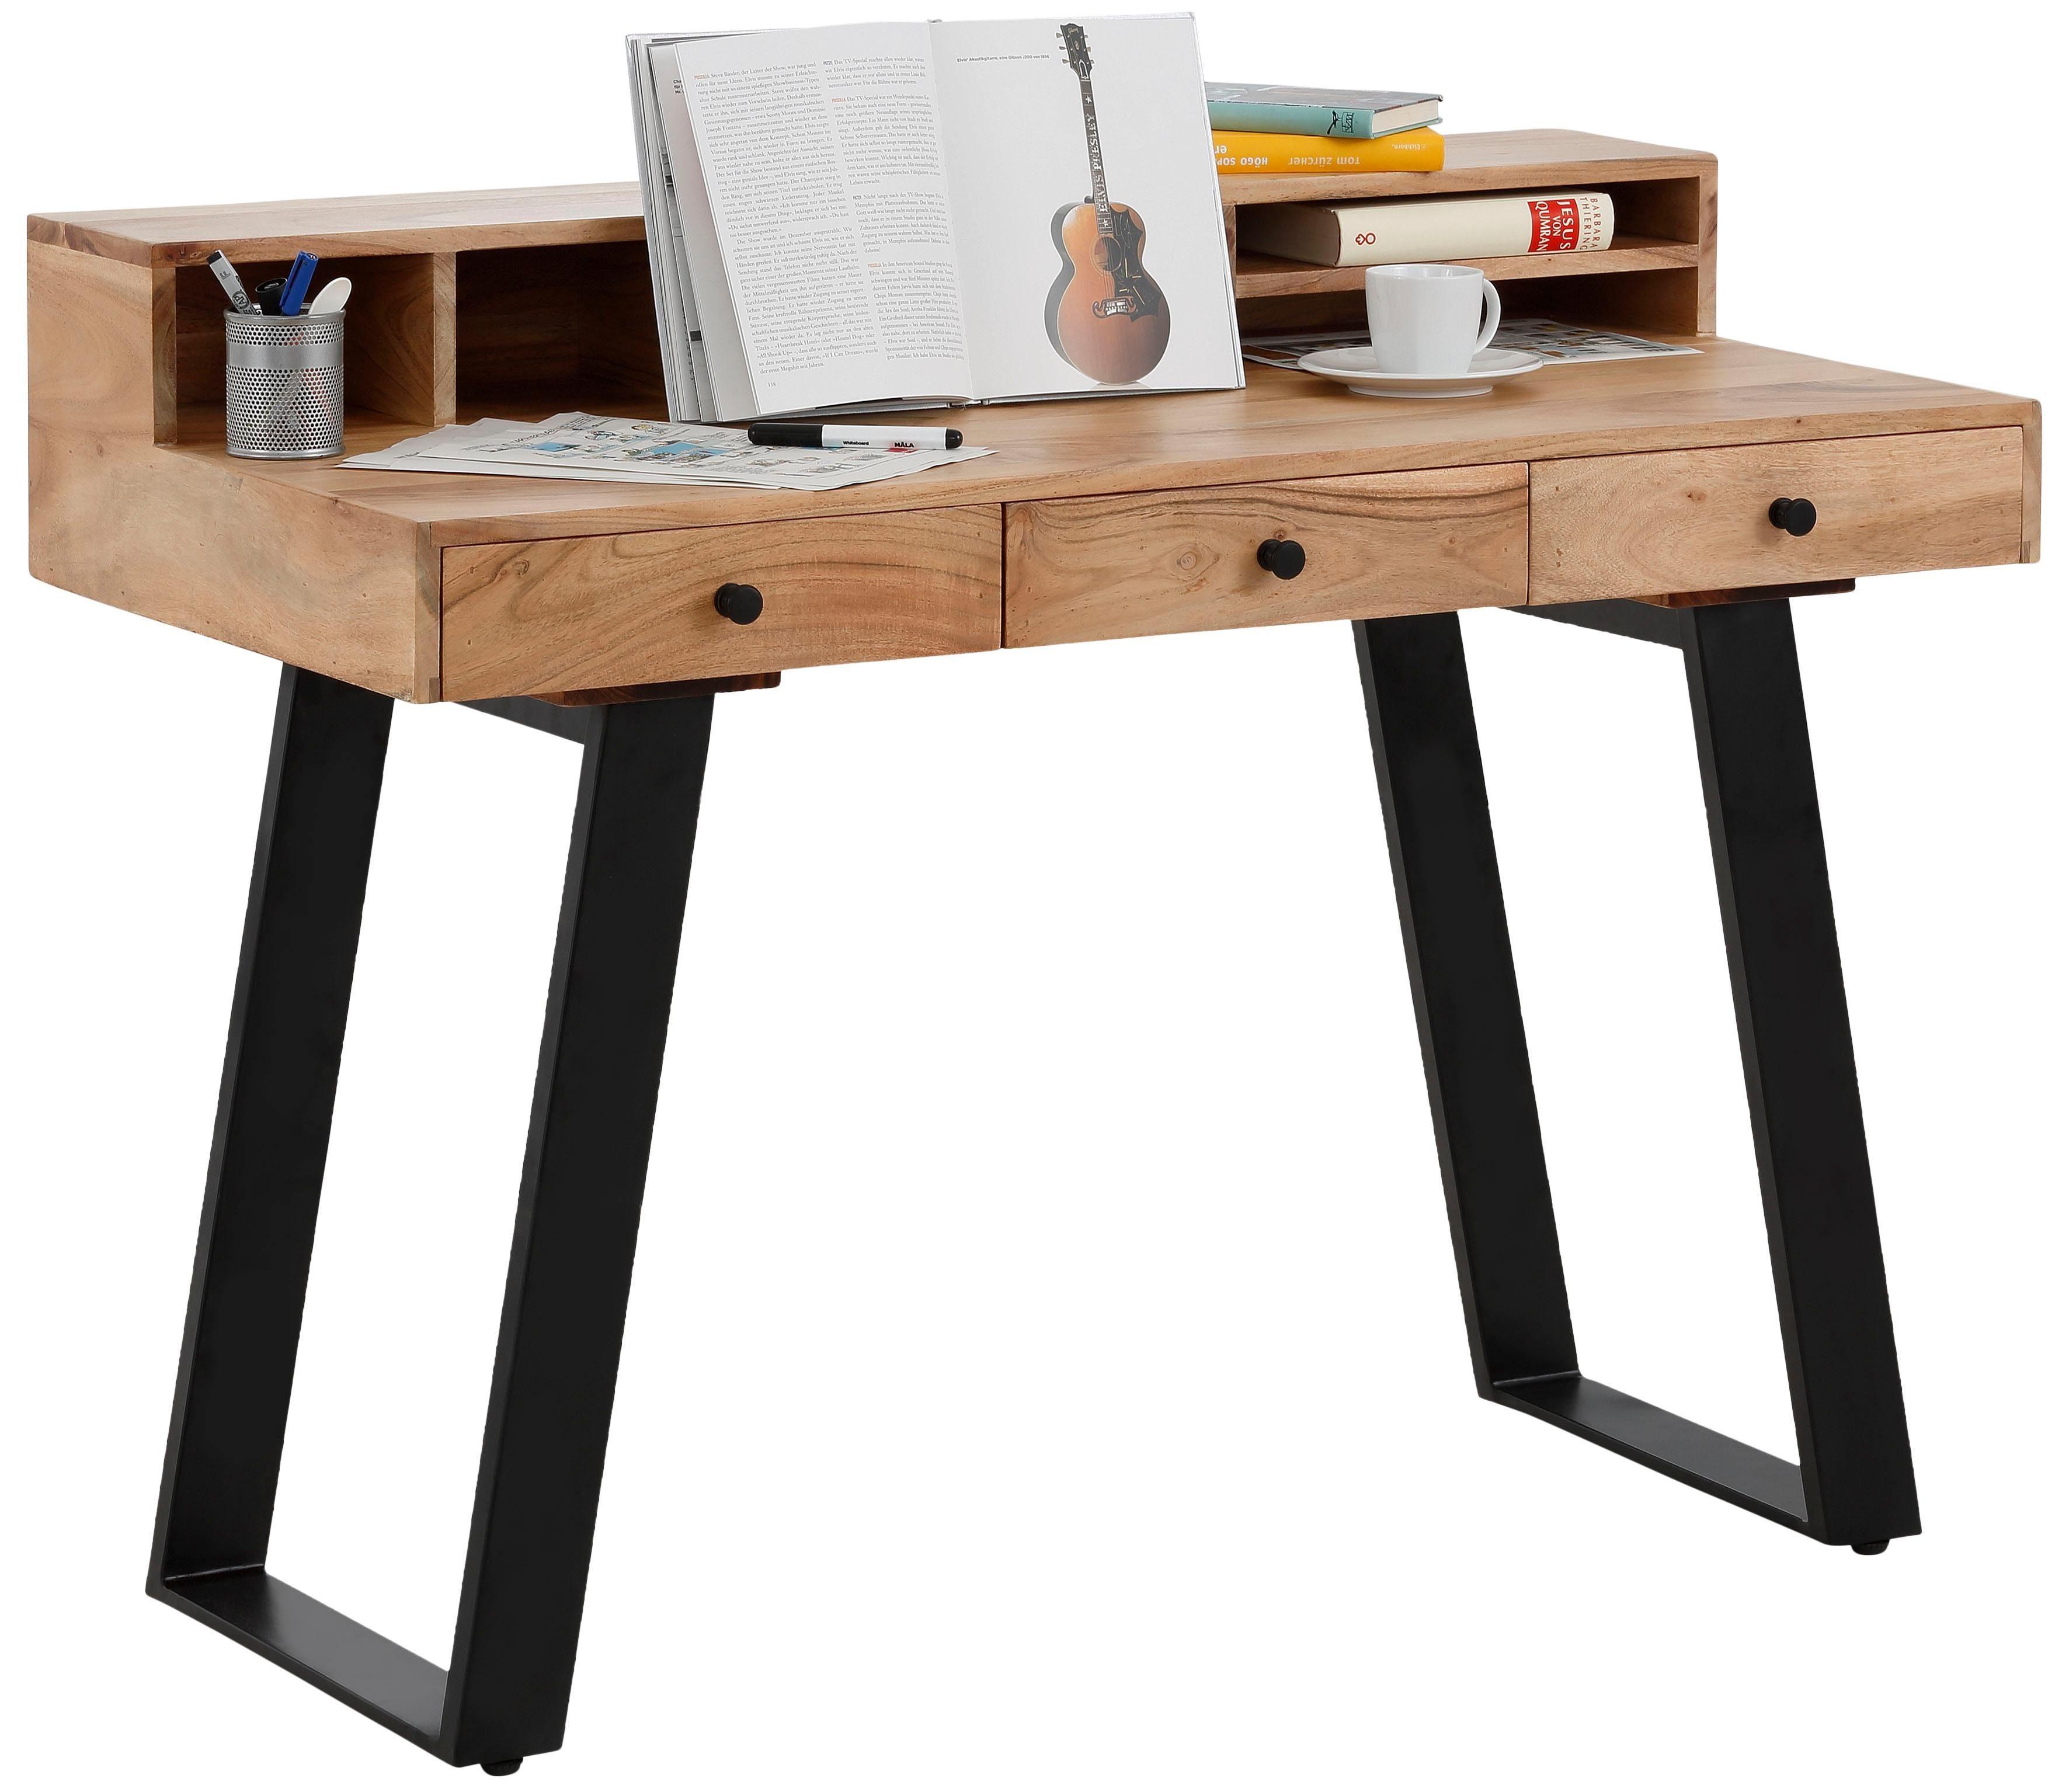 Quadrato Schreibtisch Cantu Wohnen/Möbel/Tische/Holztische/Holz-Schreibtische